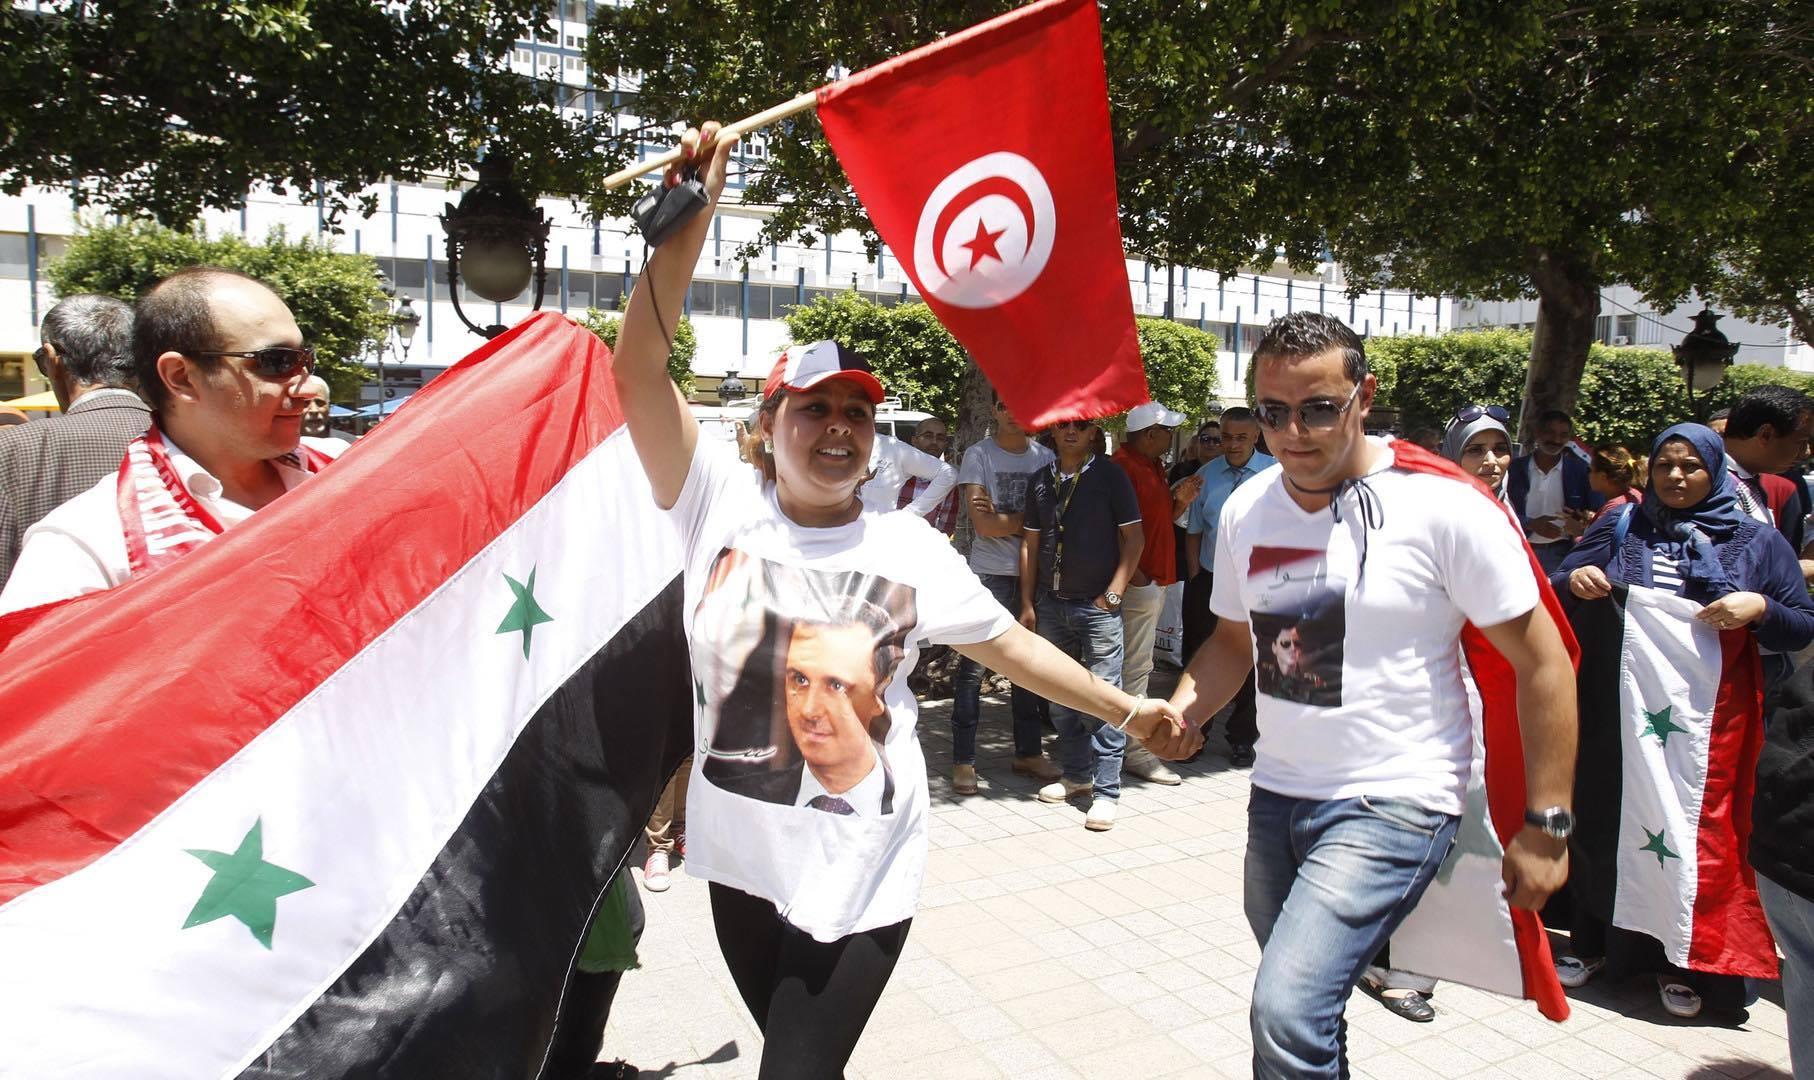 صورة للأسد…شبيحة تونسيون أيضا!